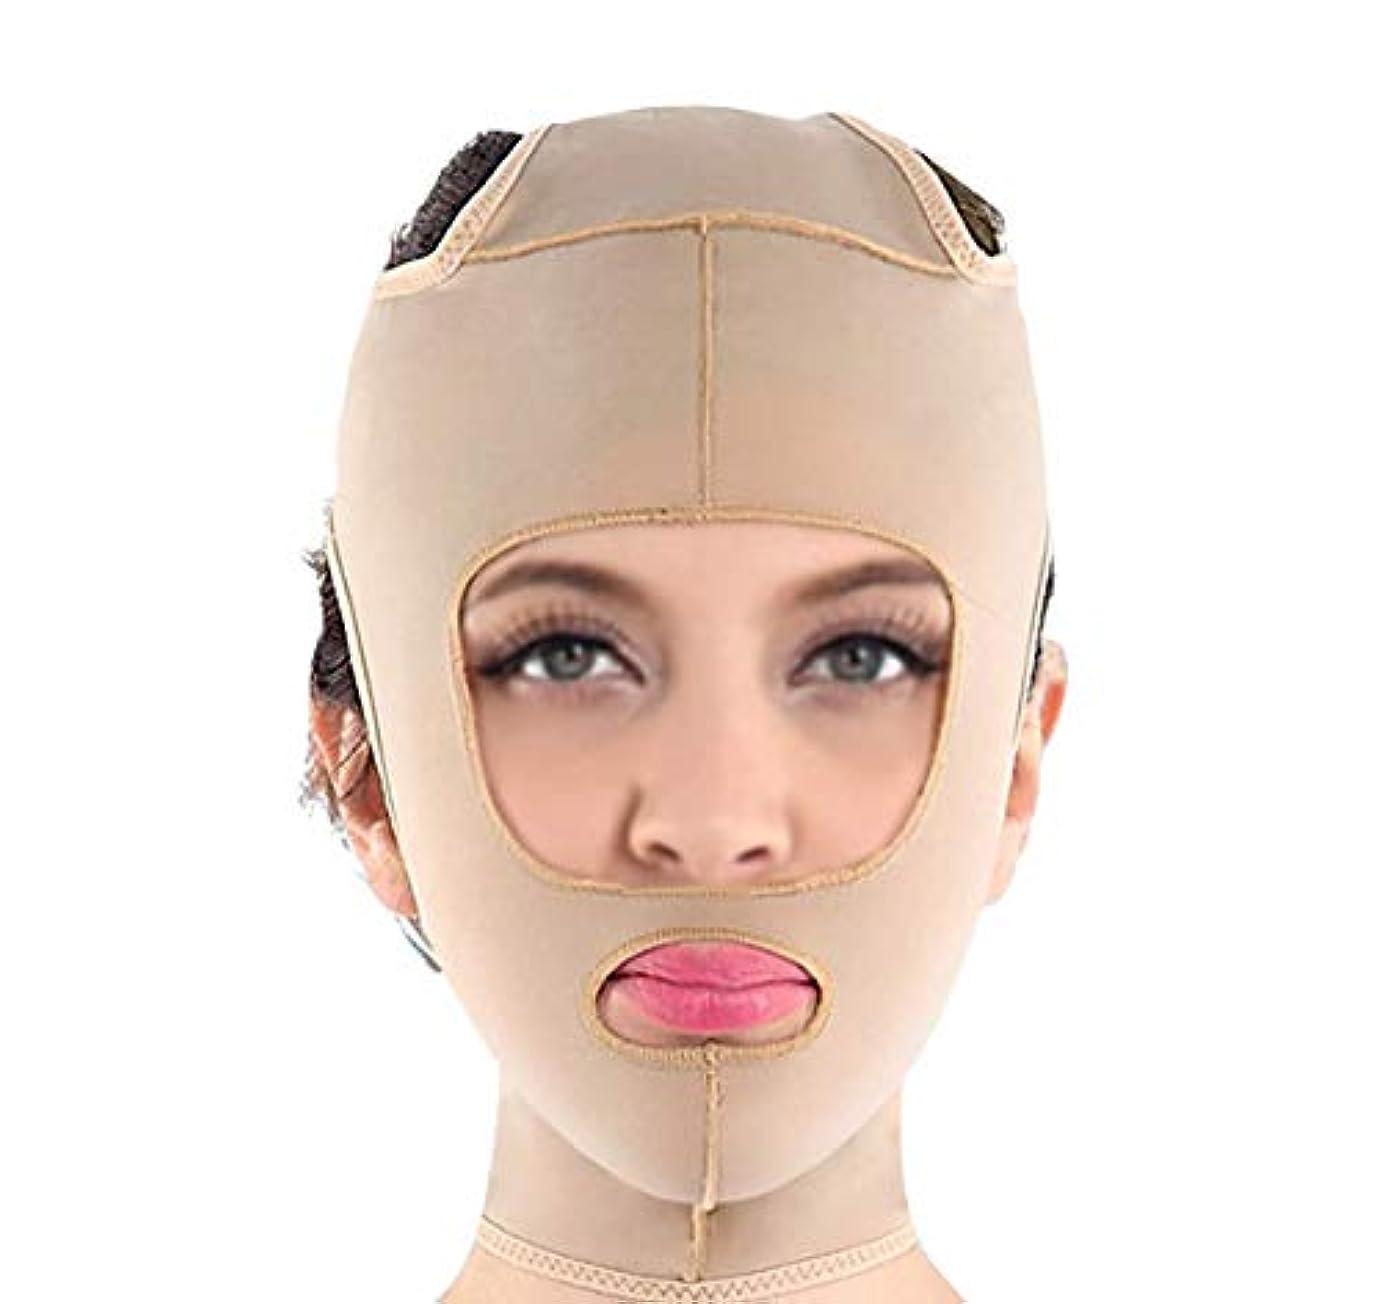 本能丁寧気分が良いフェイスリフティングマスクで肌をよりしっかりと保ち、V字型の顔を形作り、超薄型の通気性、調節可能で快適な着用感(サイズ:Xl),M